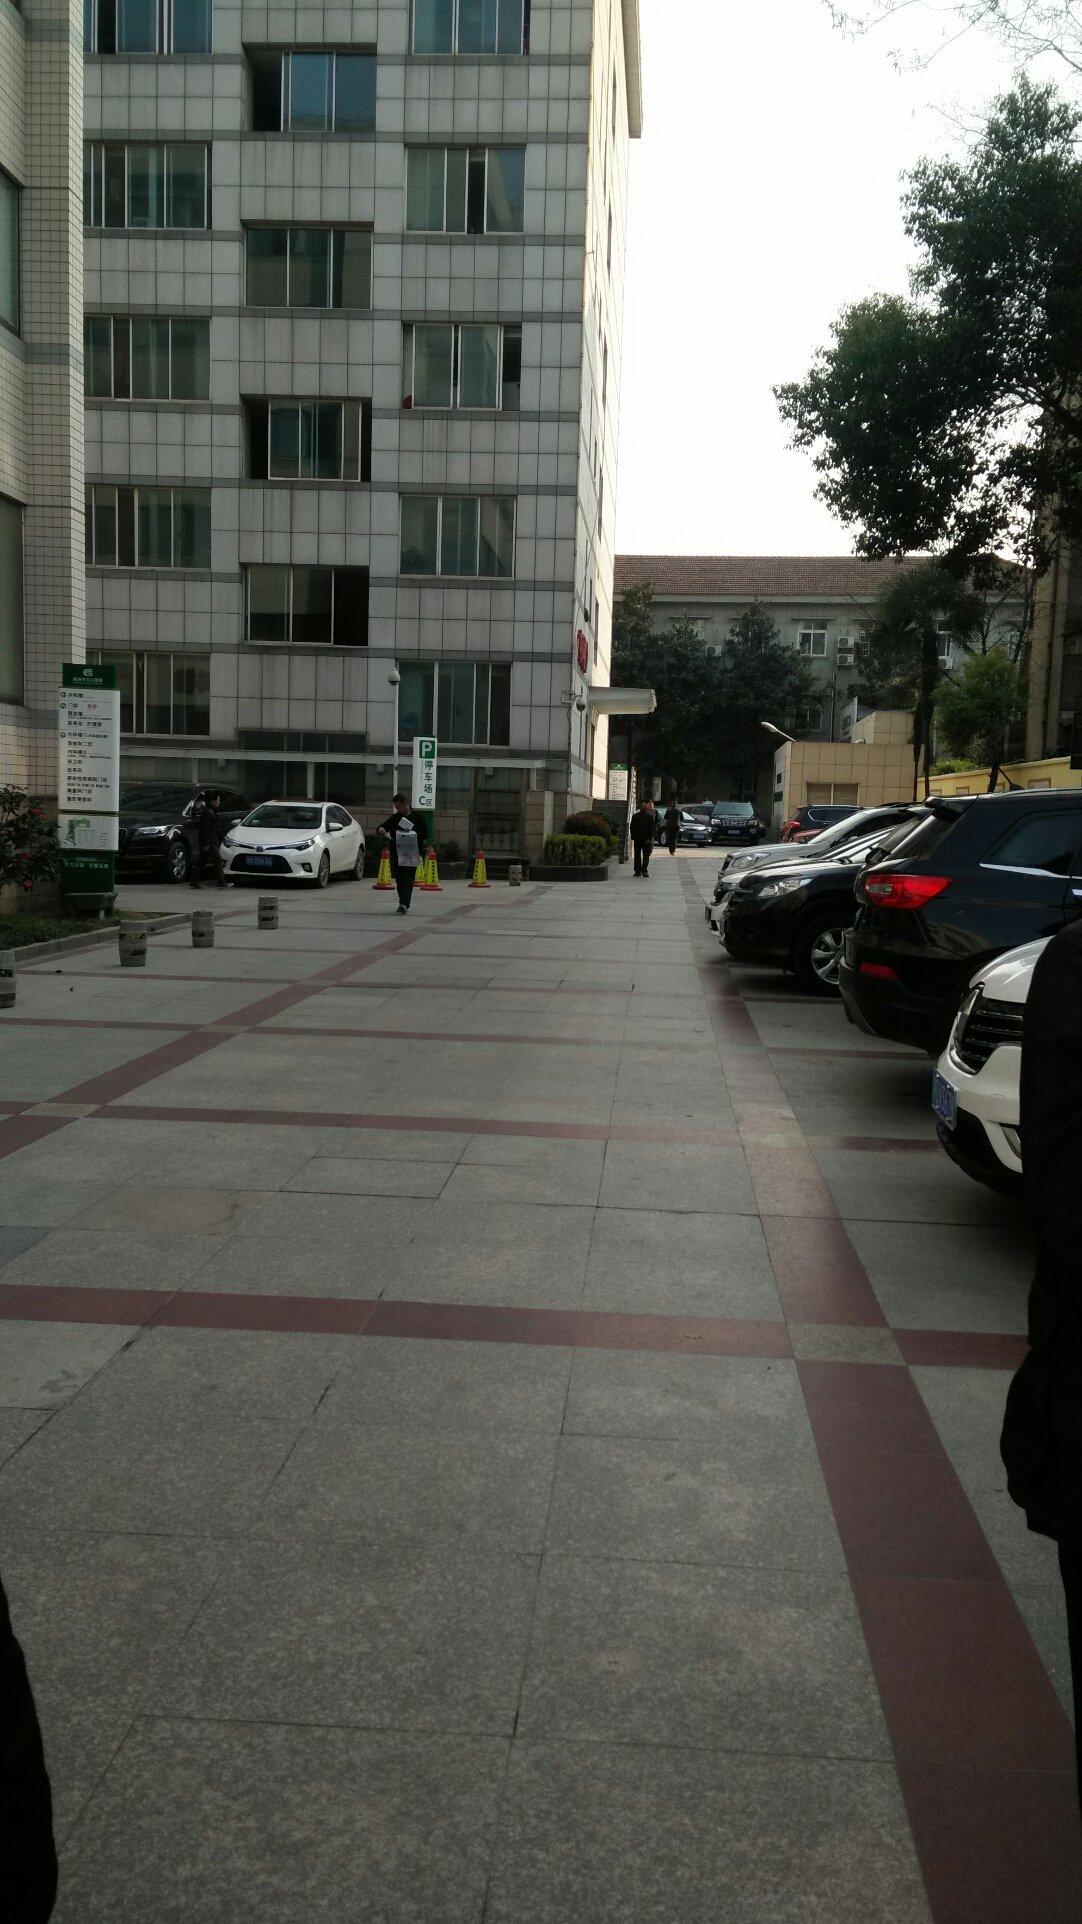 湖北省荆州市荆州区人民路靠近荆州市中心医院内科楼天气预报